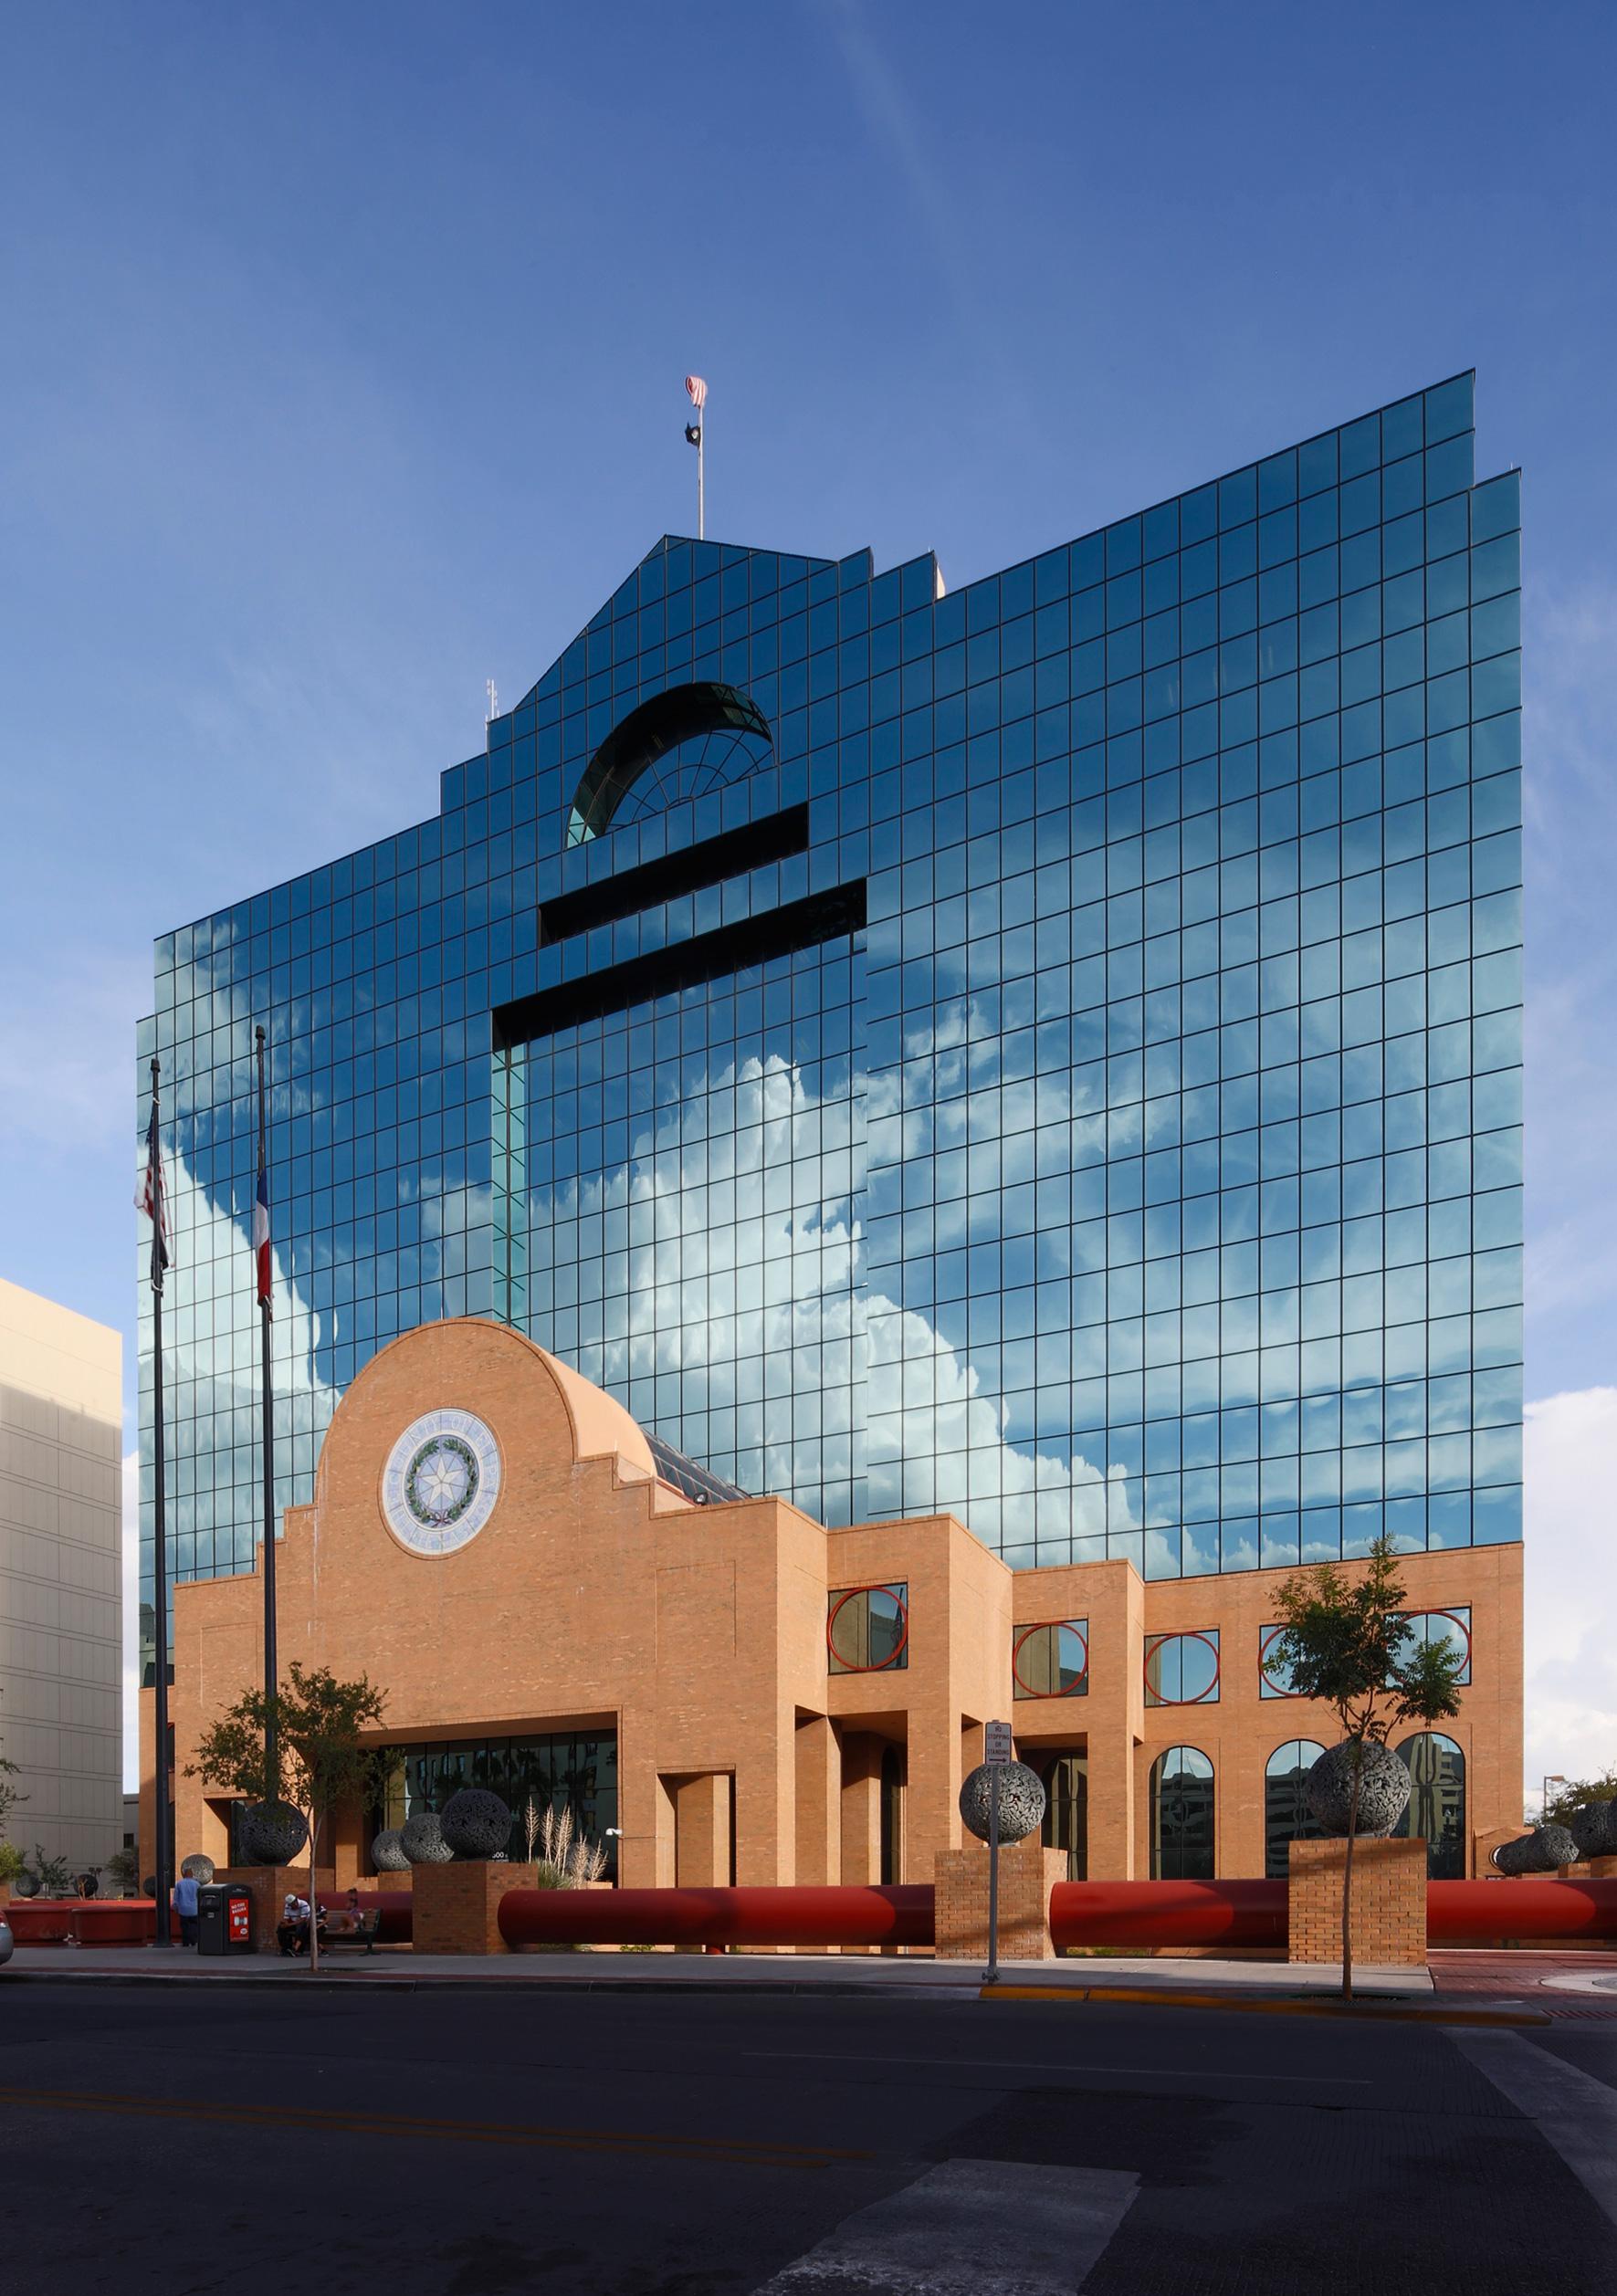 El Paso County Building